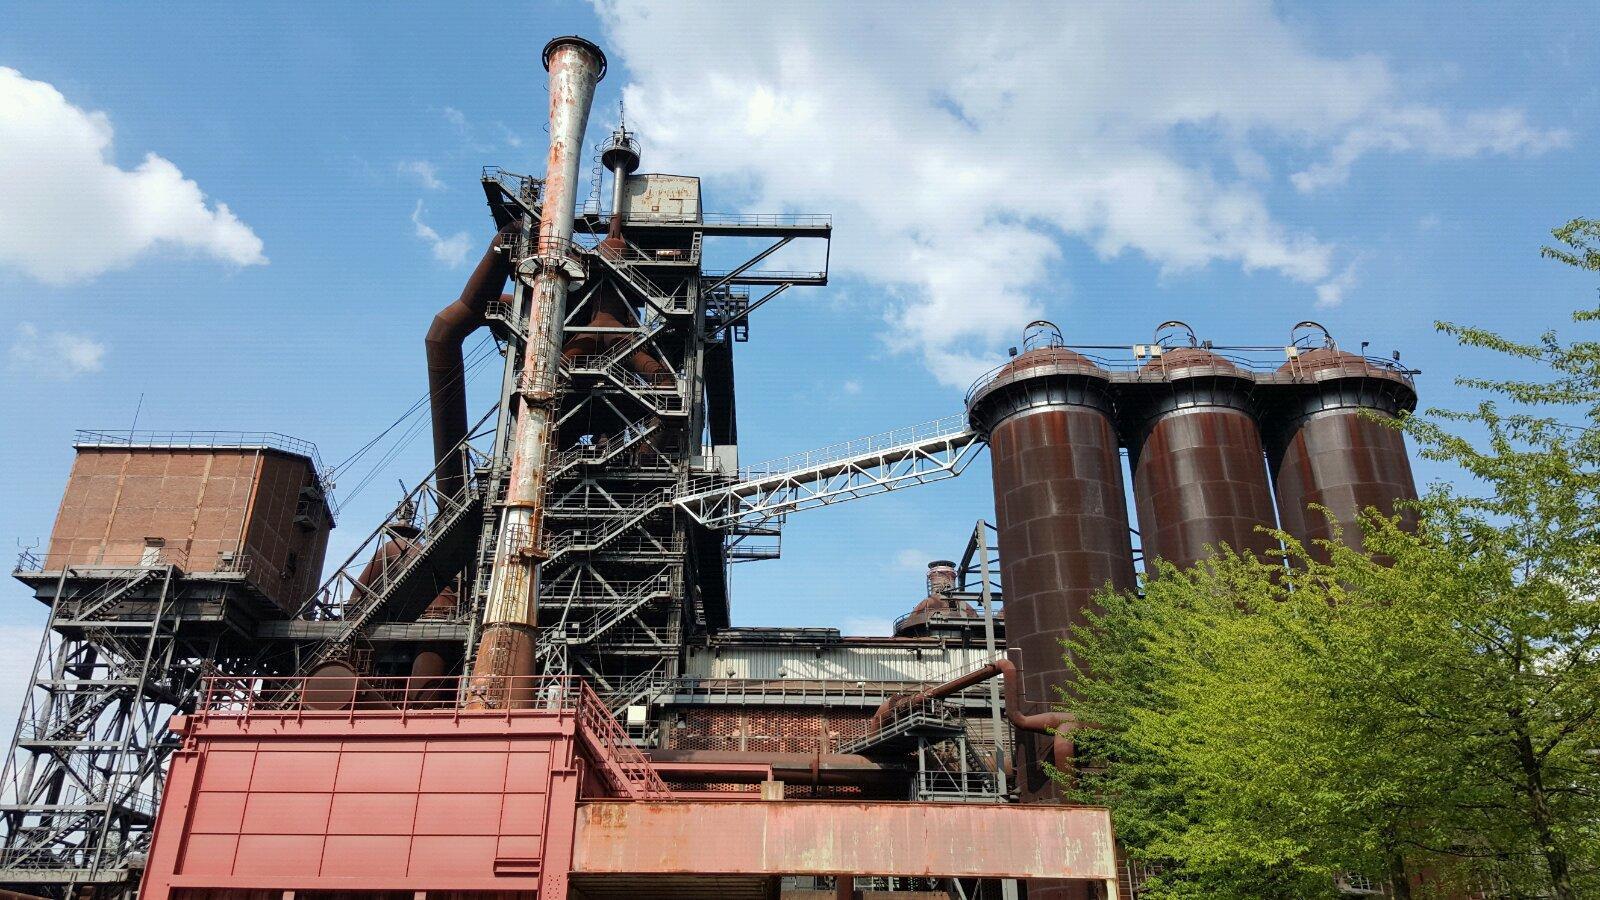 德国杜伊斯堡公园(landschaftsparkduisburgnord)钢铁厂v公园烤冷面包装设计图片